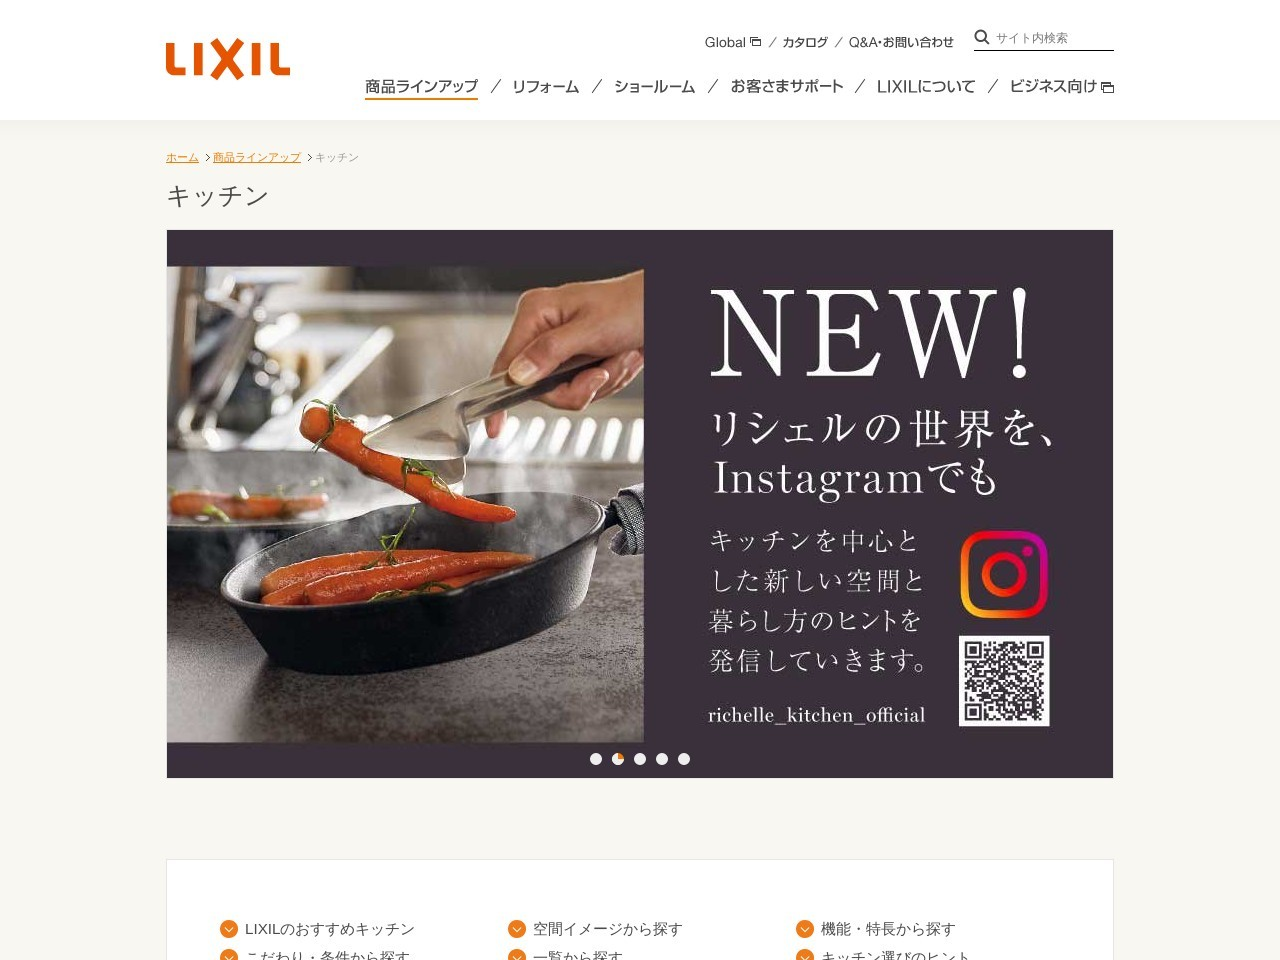 株式会社リクシル(LIXIL)/富山支店/住設ルート営業所